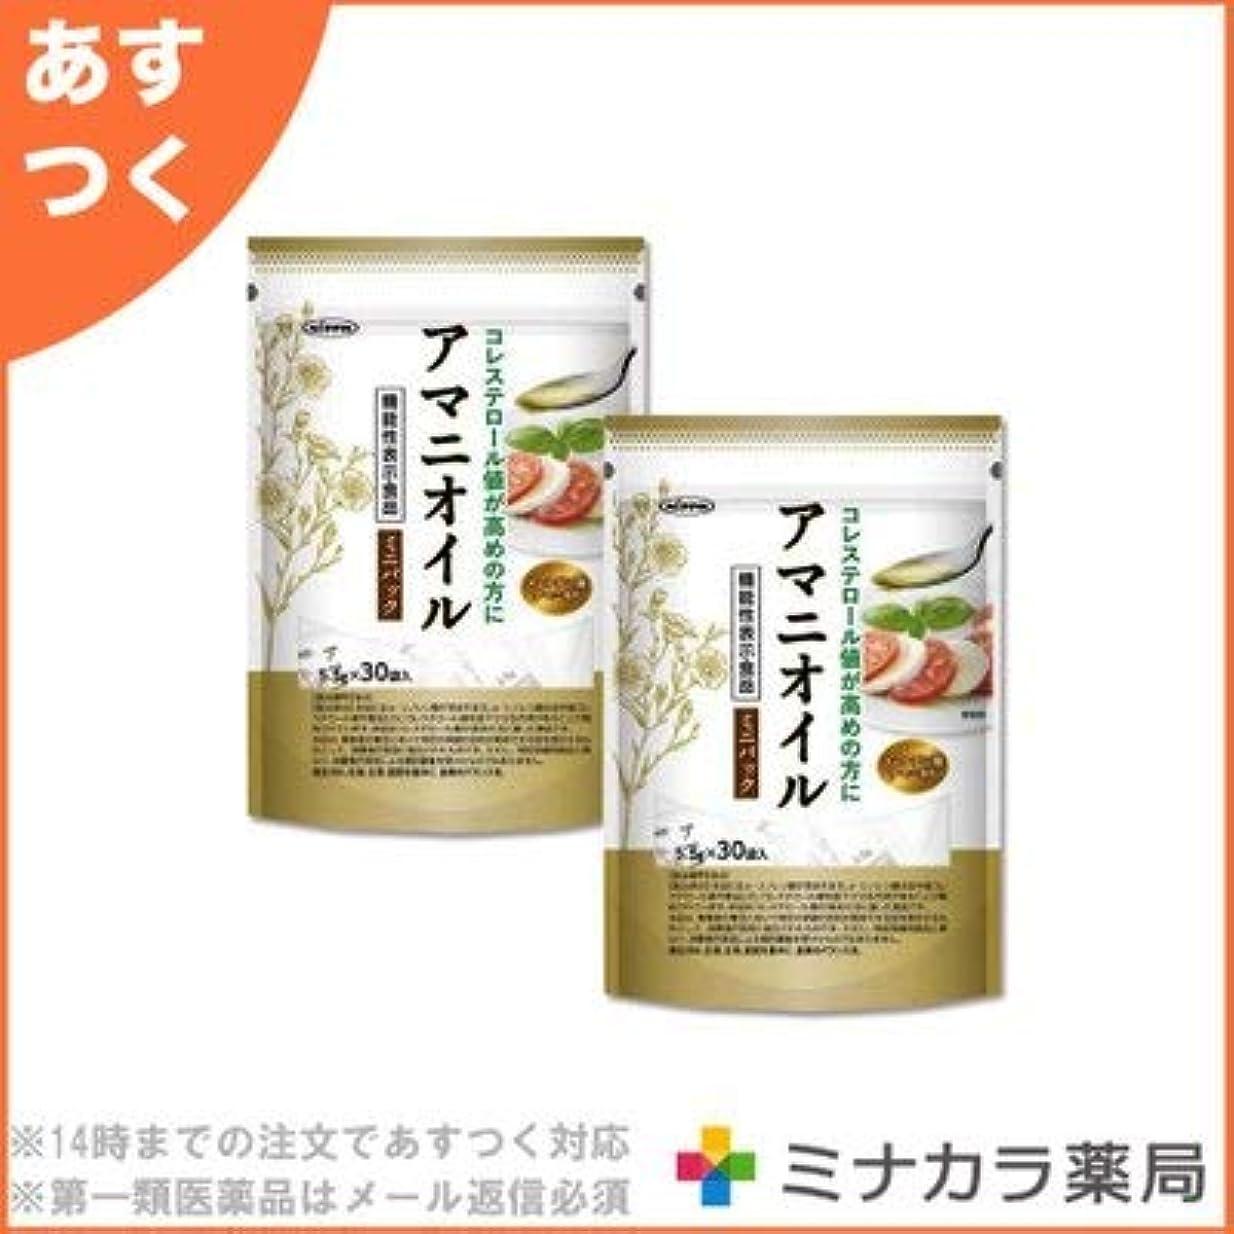 ヘルメットアクティブ慢な日本製粉 アマニオイル ミニパック 5.5g×30 (機能性表示食品)×2個セット